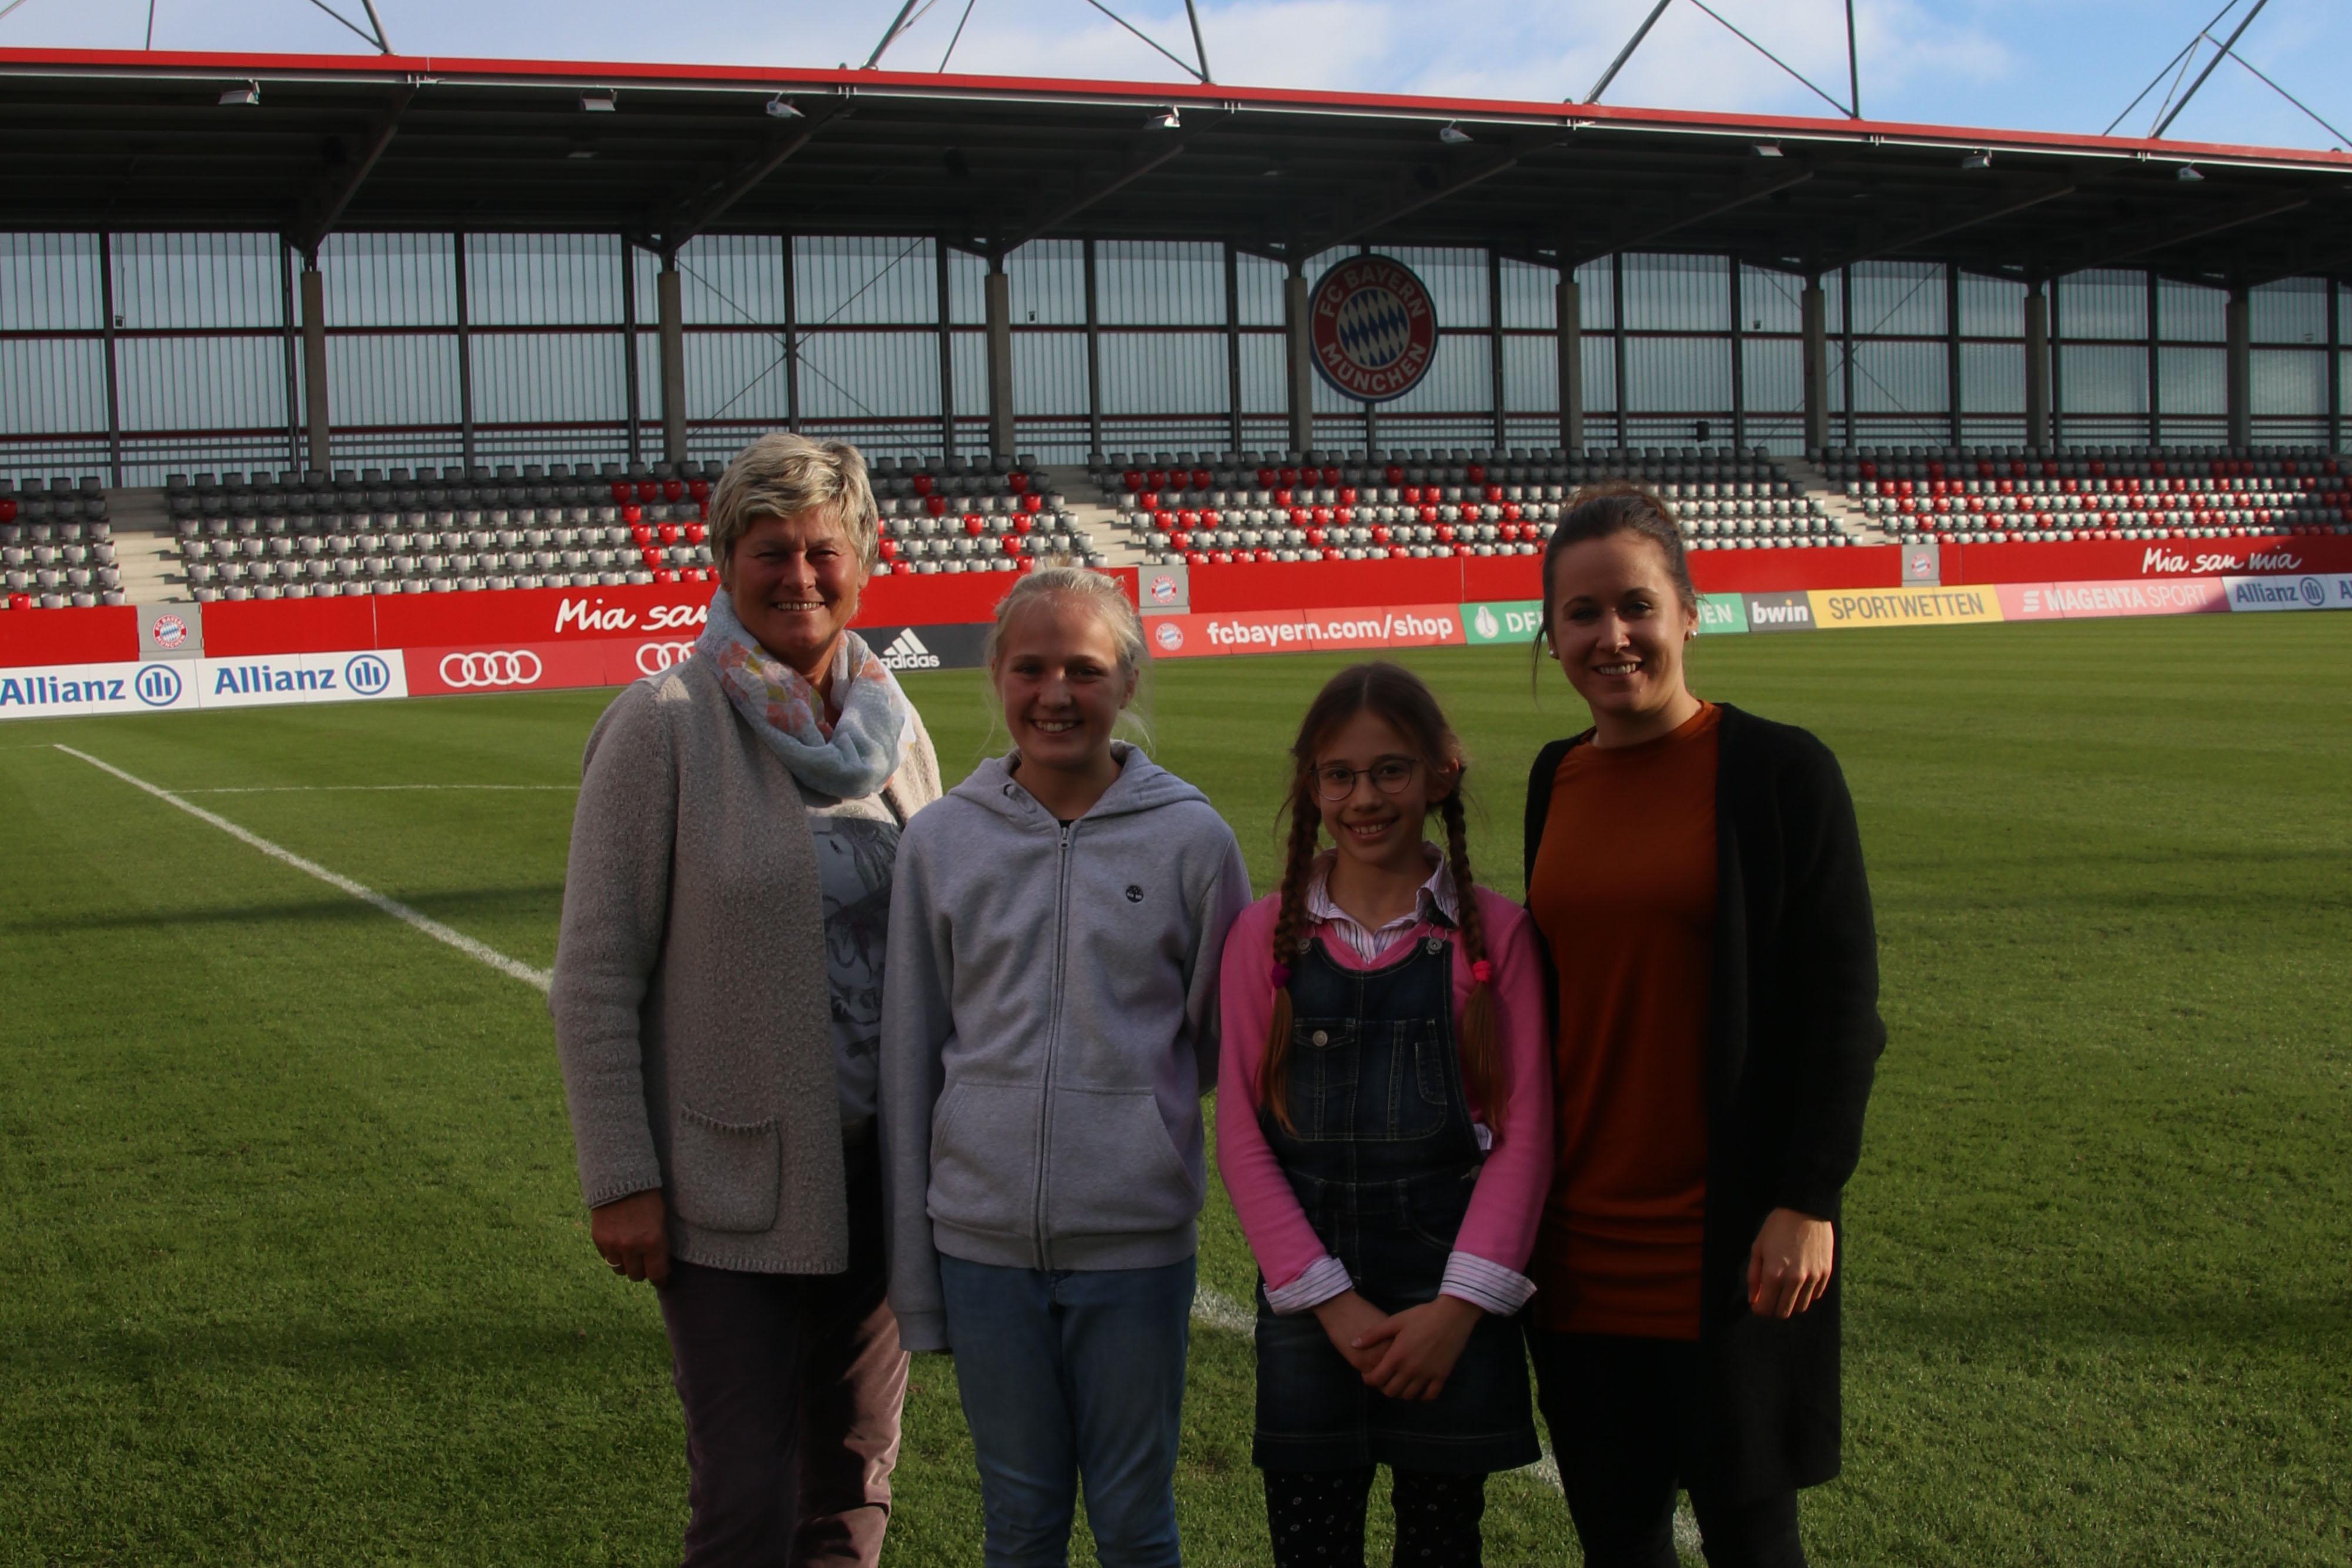 v.l.n.r.: Managerin Karin Danner, Schülerinnen Teresa und Juliana, Spielerin Nicole Rolser / Foto: Schmidt-Wellenburg